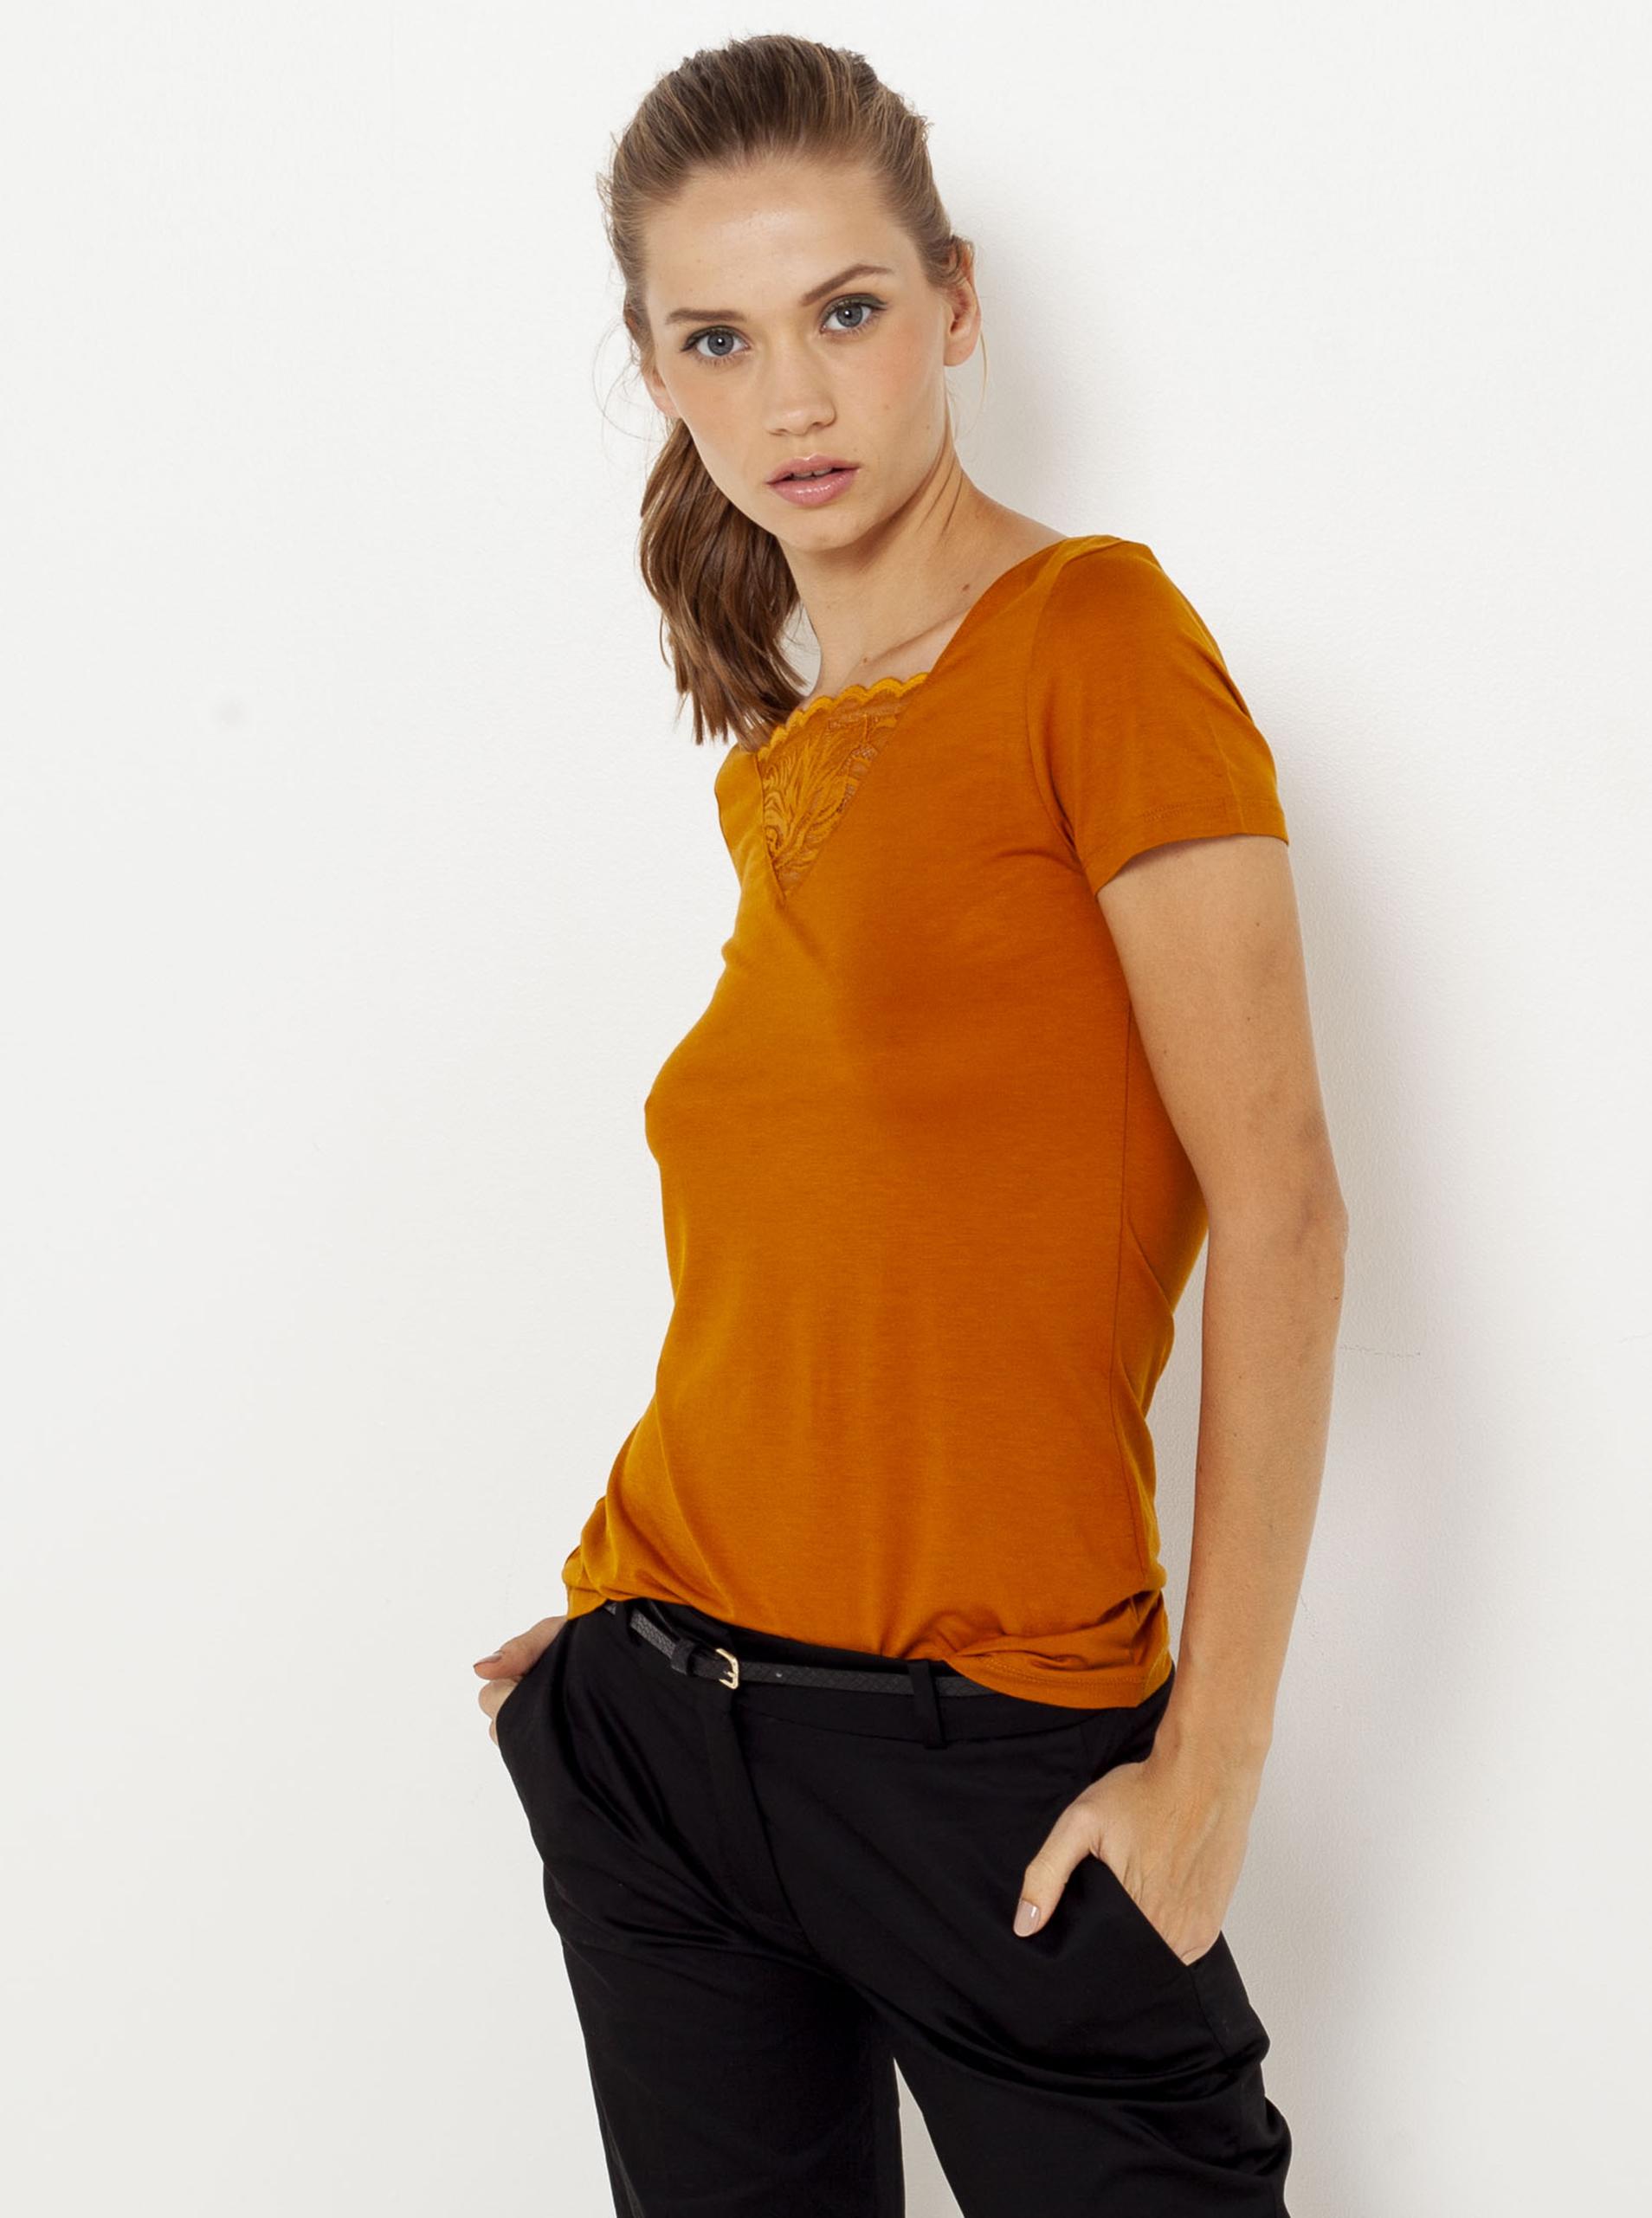 CAMAIEU Women's t-shirt orange